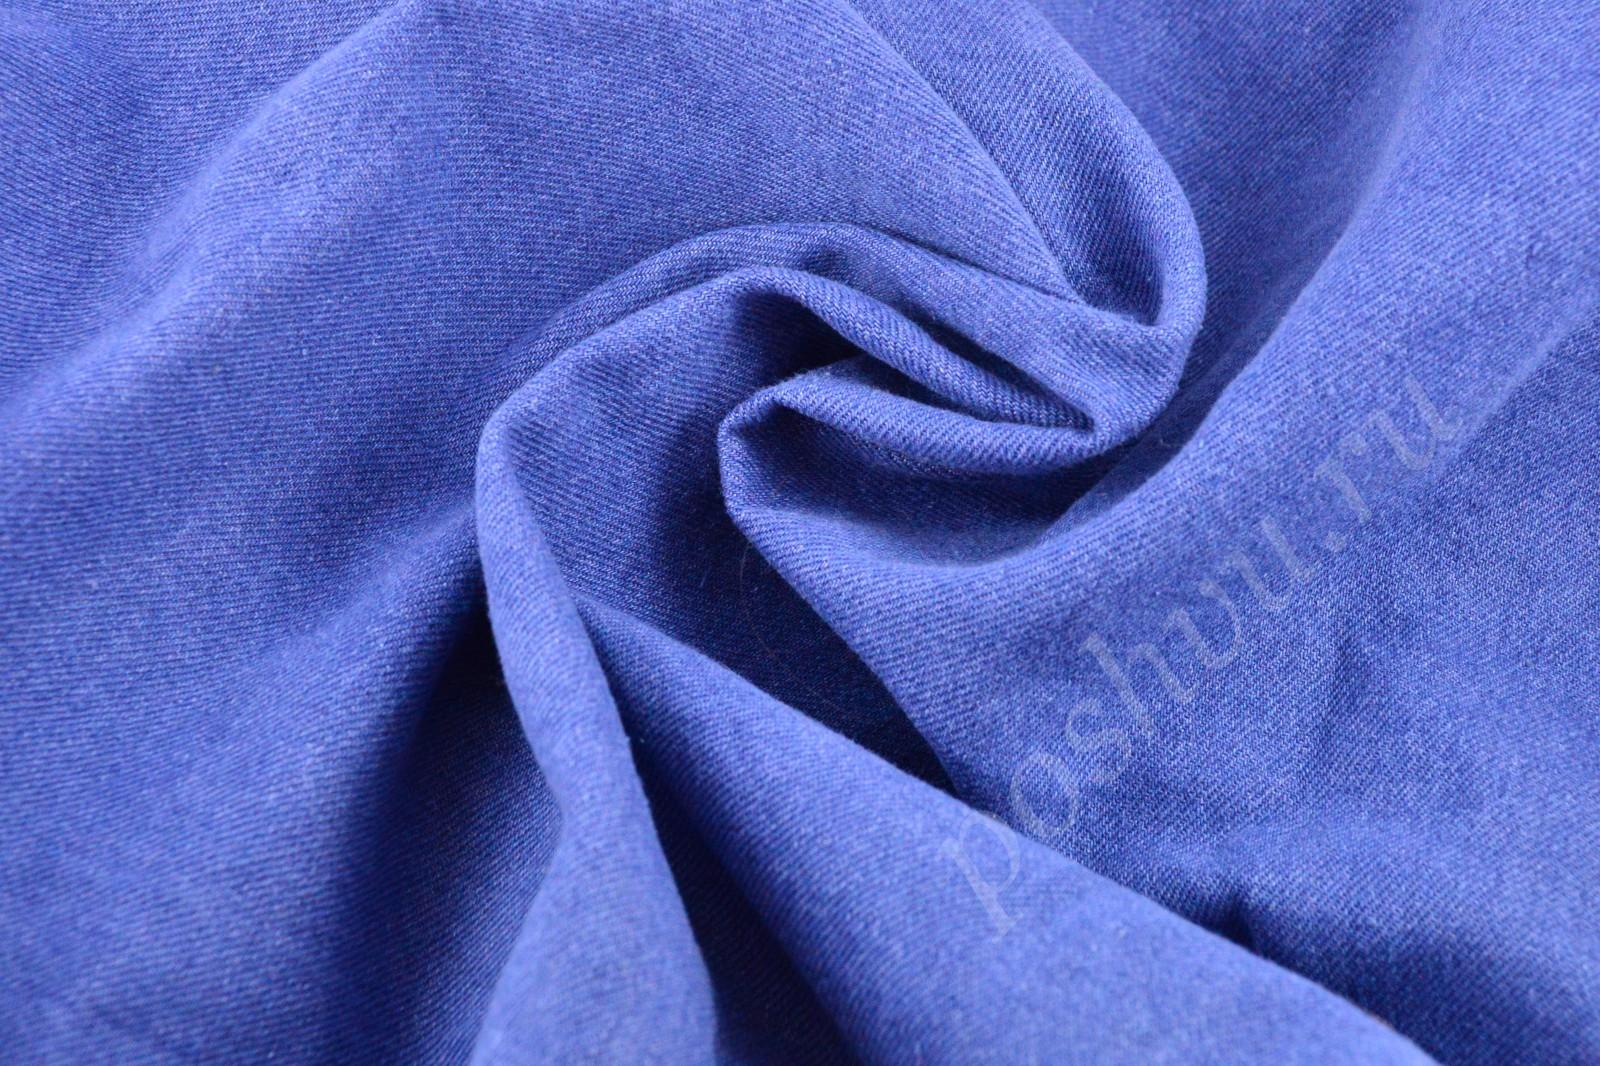 Купить ткань голубого цвета